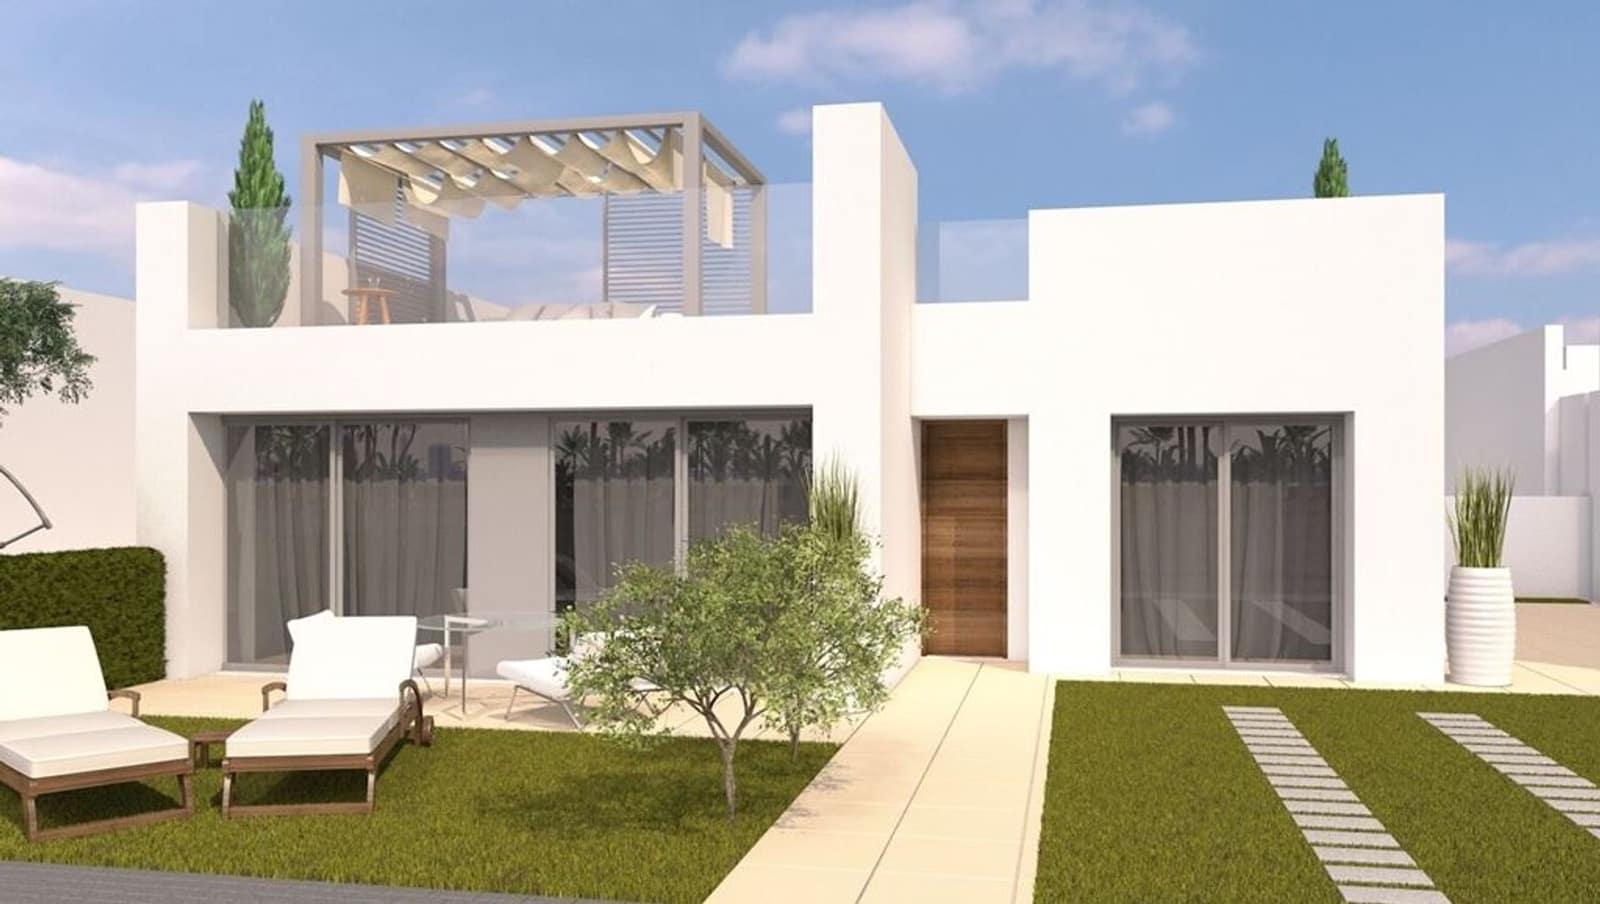 Chalet de 2 habitaciones en Pilar de la Horadada en venta con piscina - 226.900 € (Ref: 5028353)